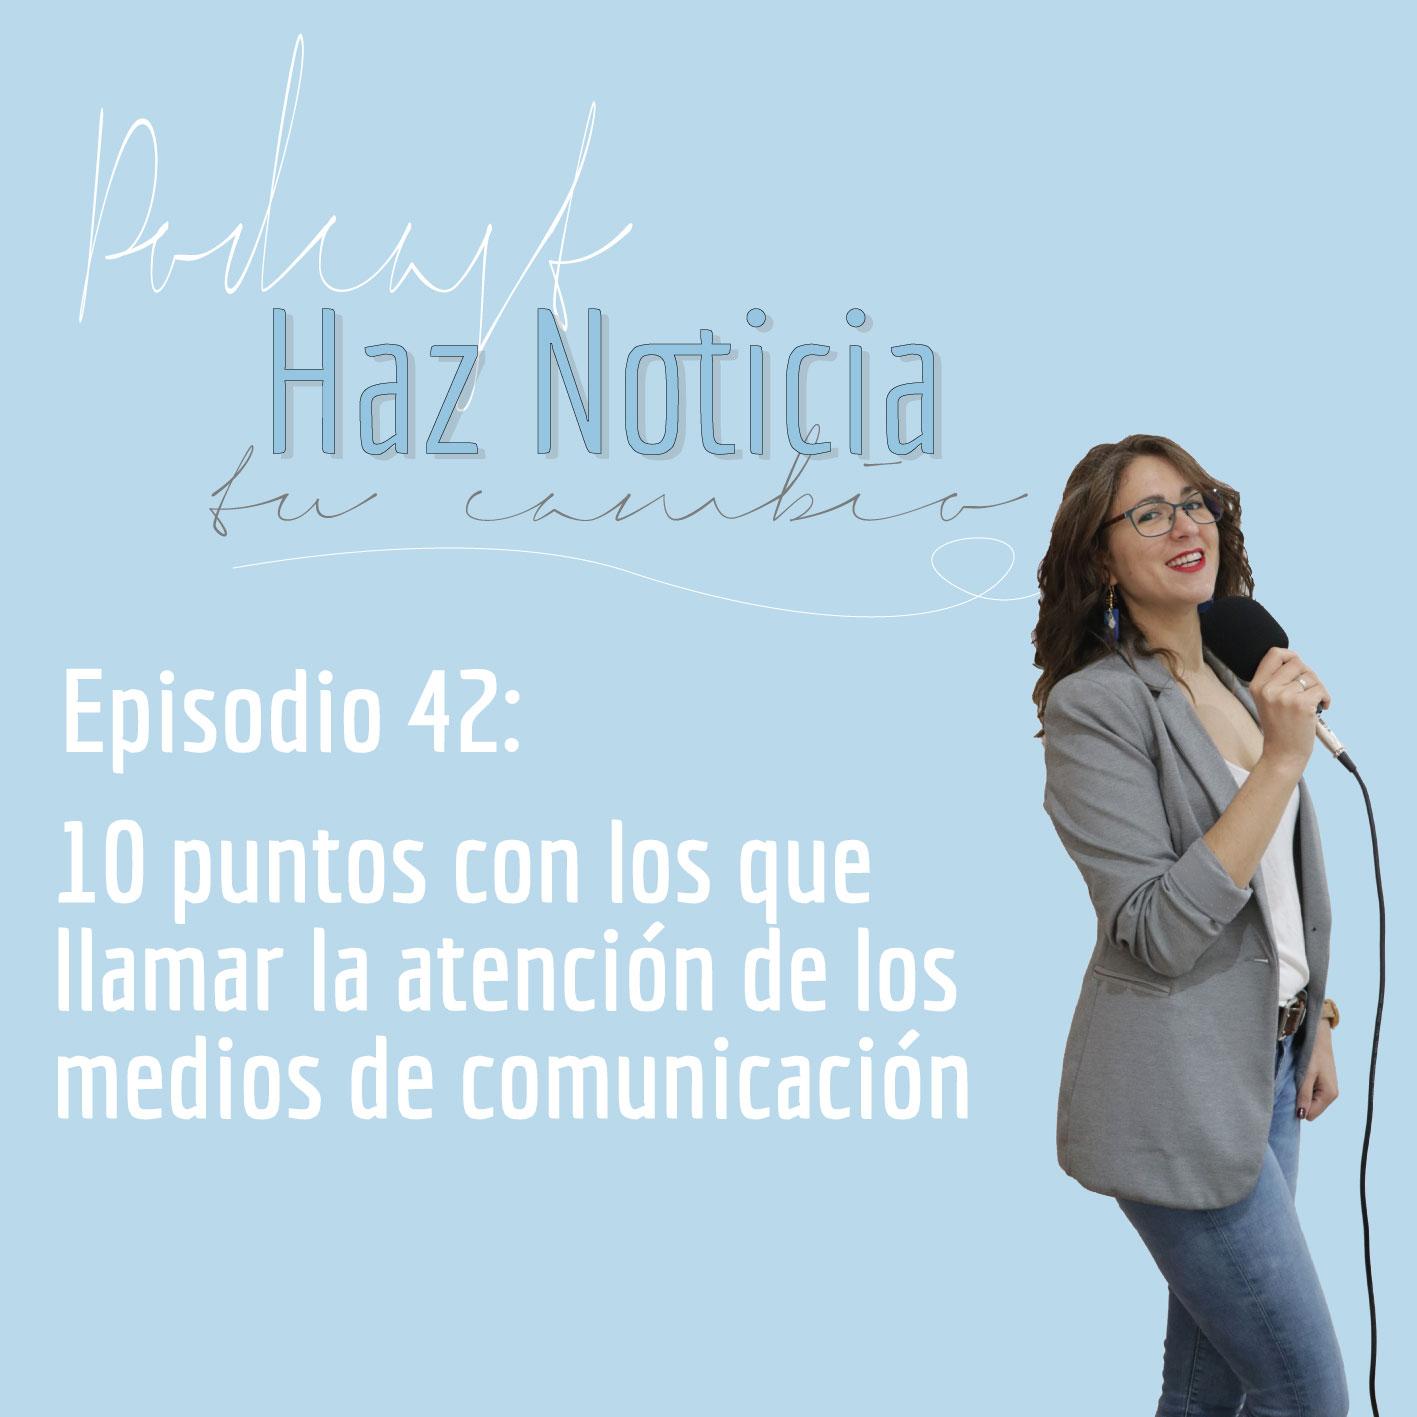 42º Episodio - 10 puntos noticiables con los que llamar la atención de los periodistas